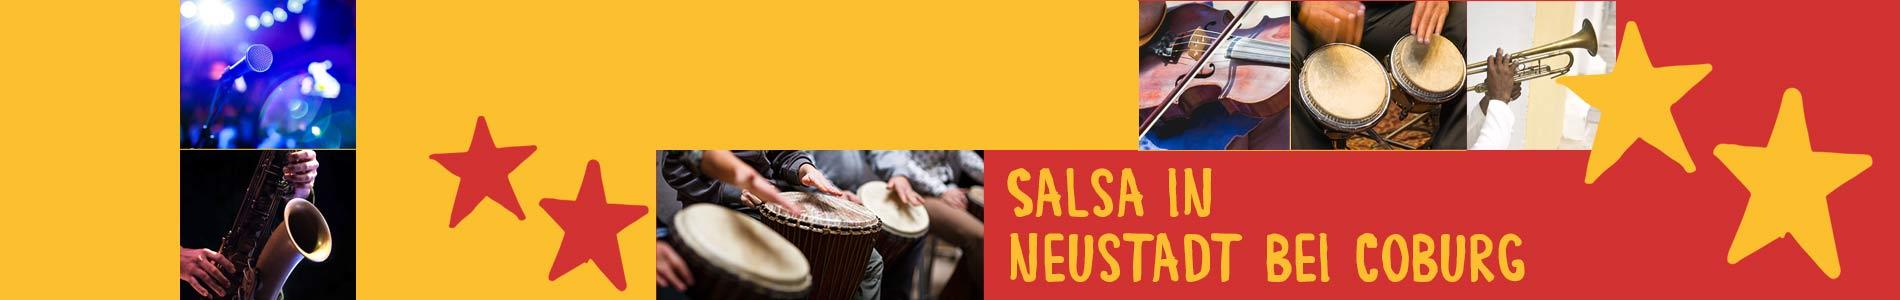 Salsa in Coburg – Salsa lernen und tanzen, Tanzkurse, Partys, Veranstaltungen